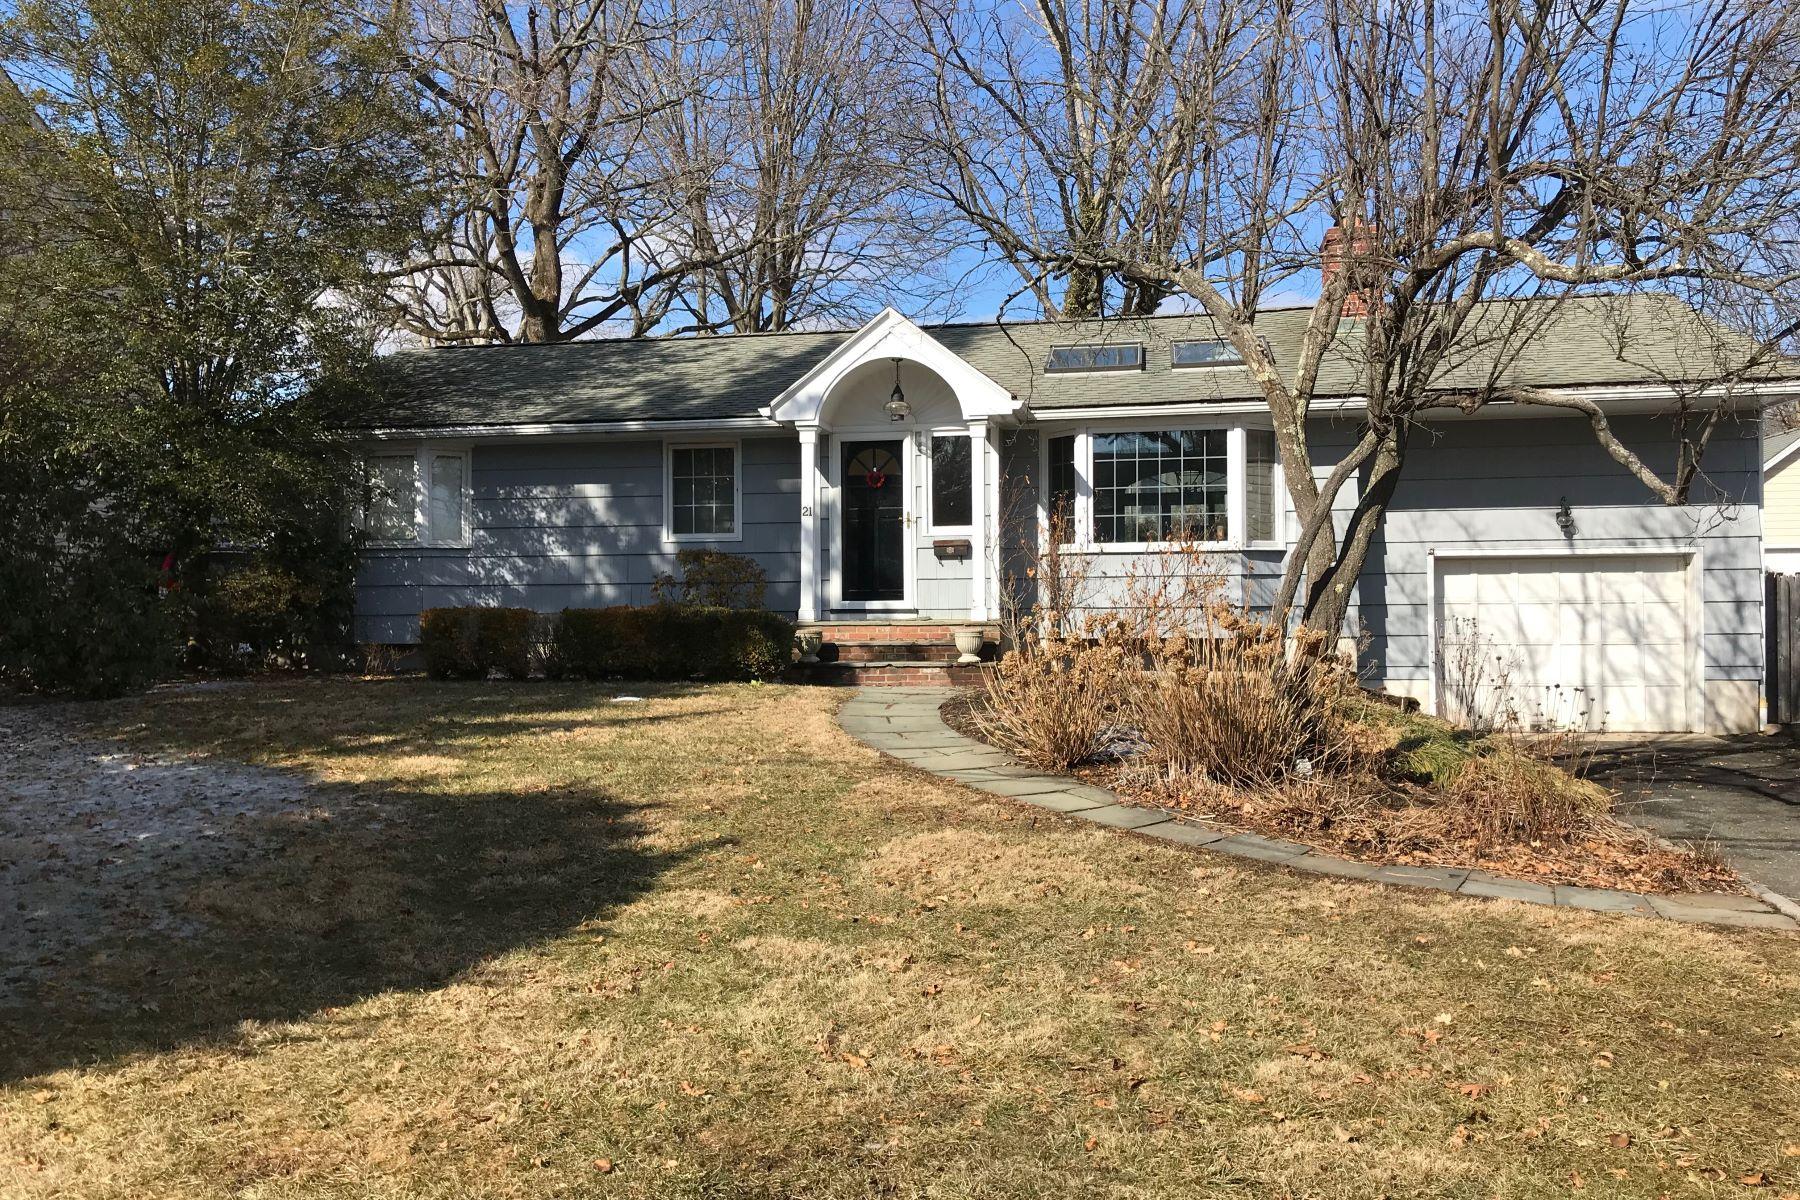 独户住宅 为 销售 在 21 Crystal Street 新迦南, 康涅狄格州, 06840 美国